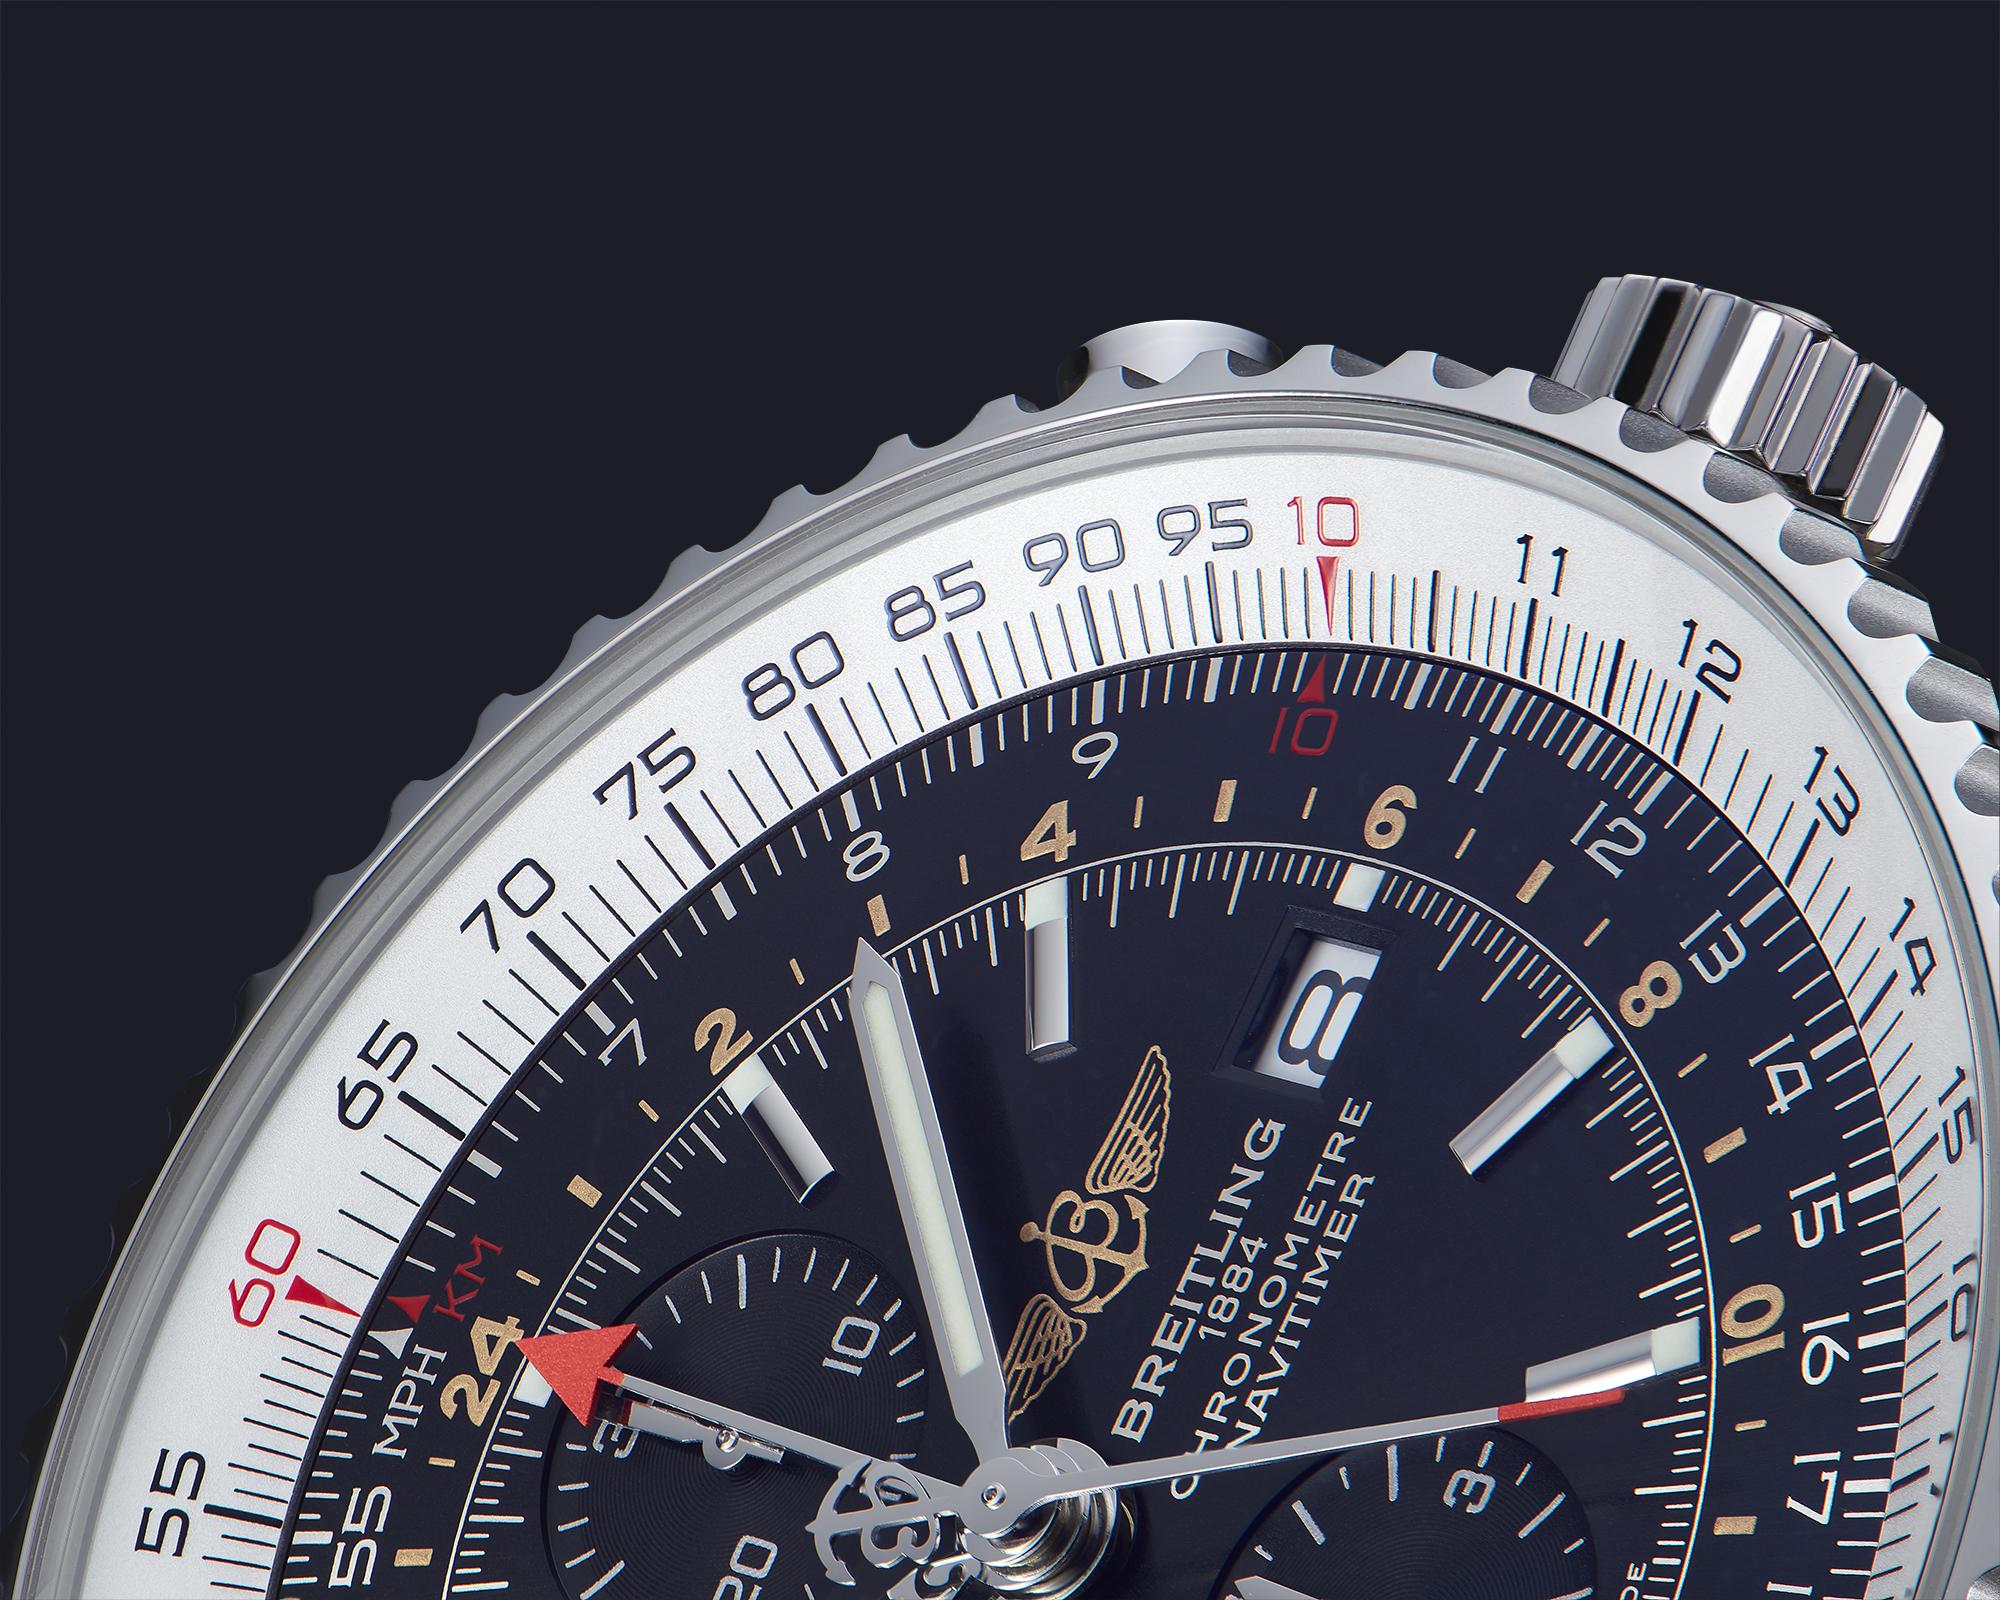 macrophotographie du cadran et des aiguilles d'une montre breitling